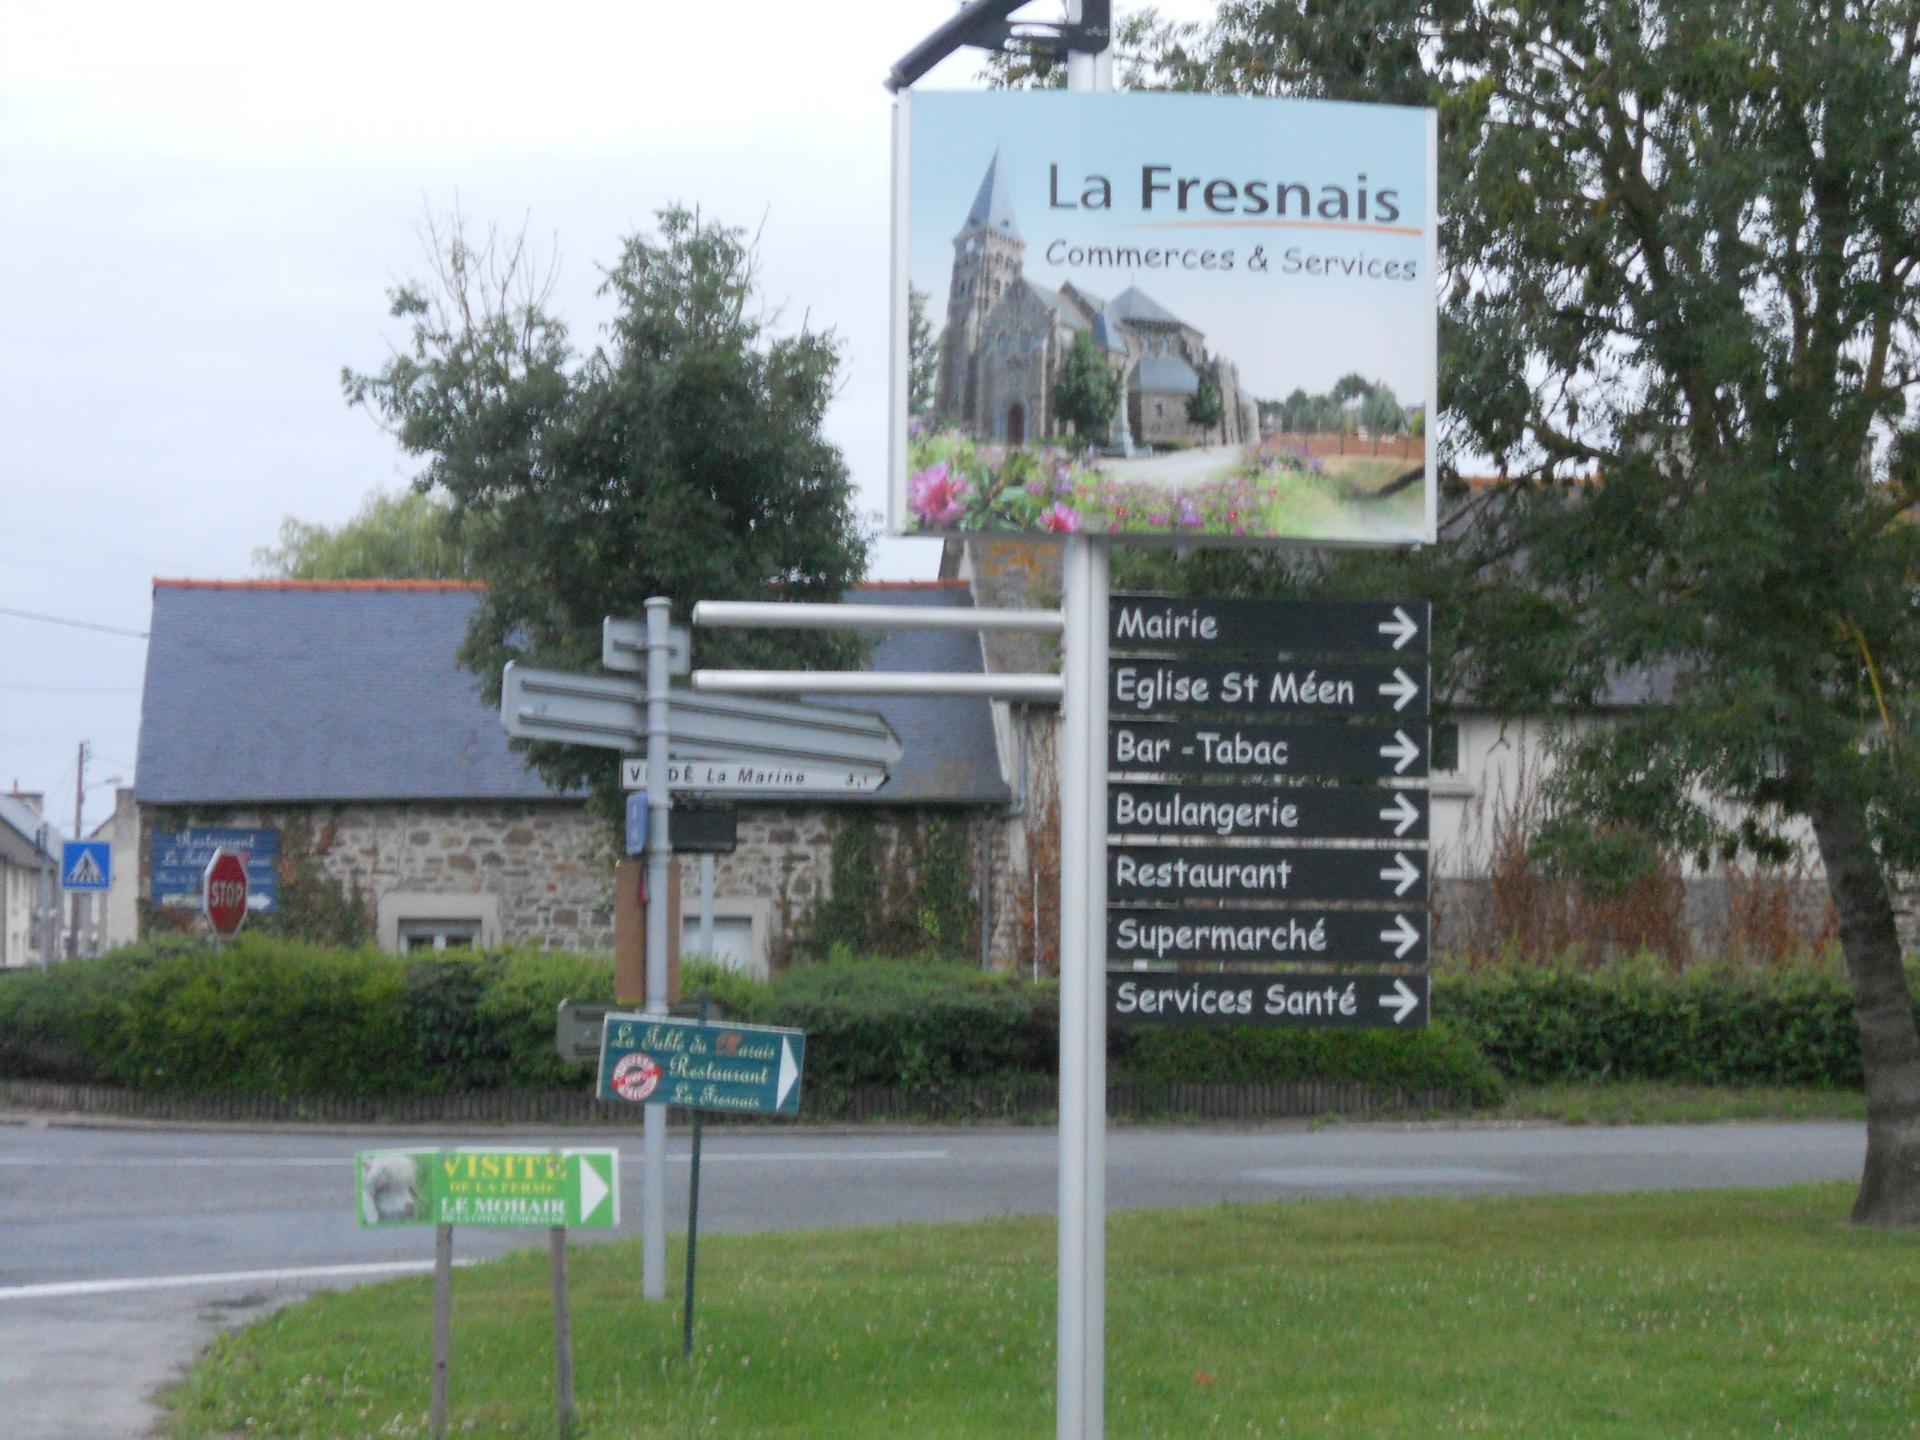 La Fresnais